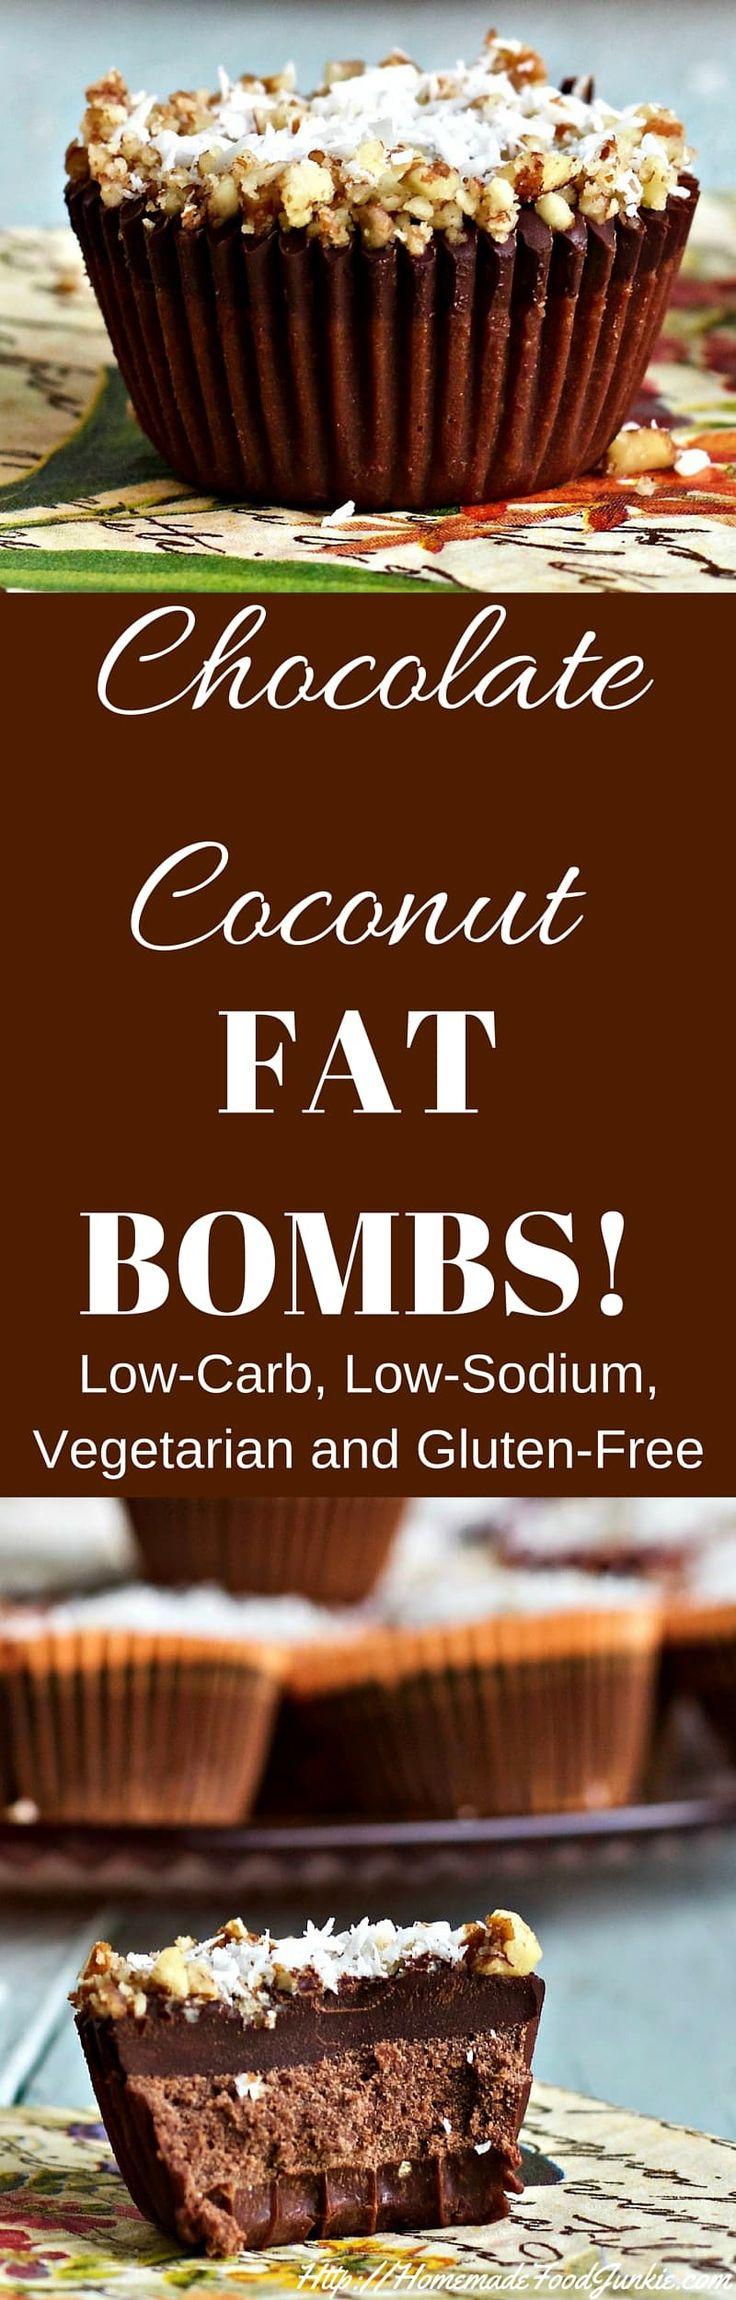 Low-Carb, Low-Sodium, Vegan, Vegetarian, Dairy-Free, Gluten-Free